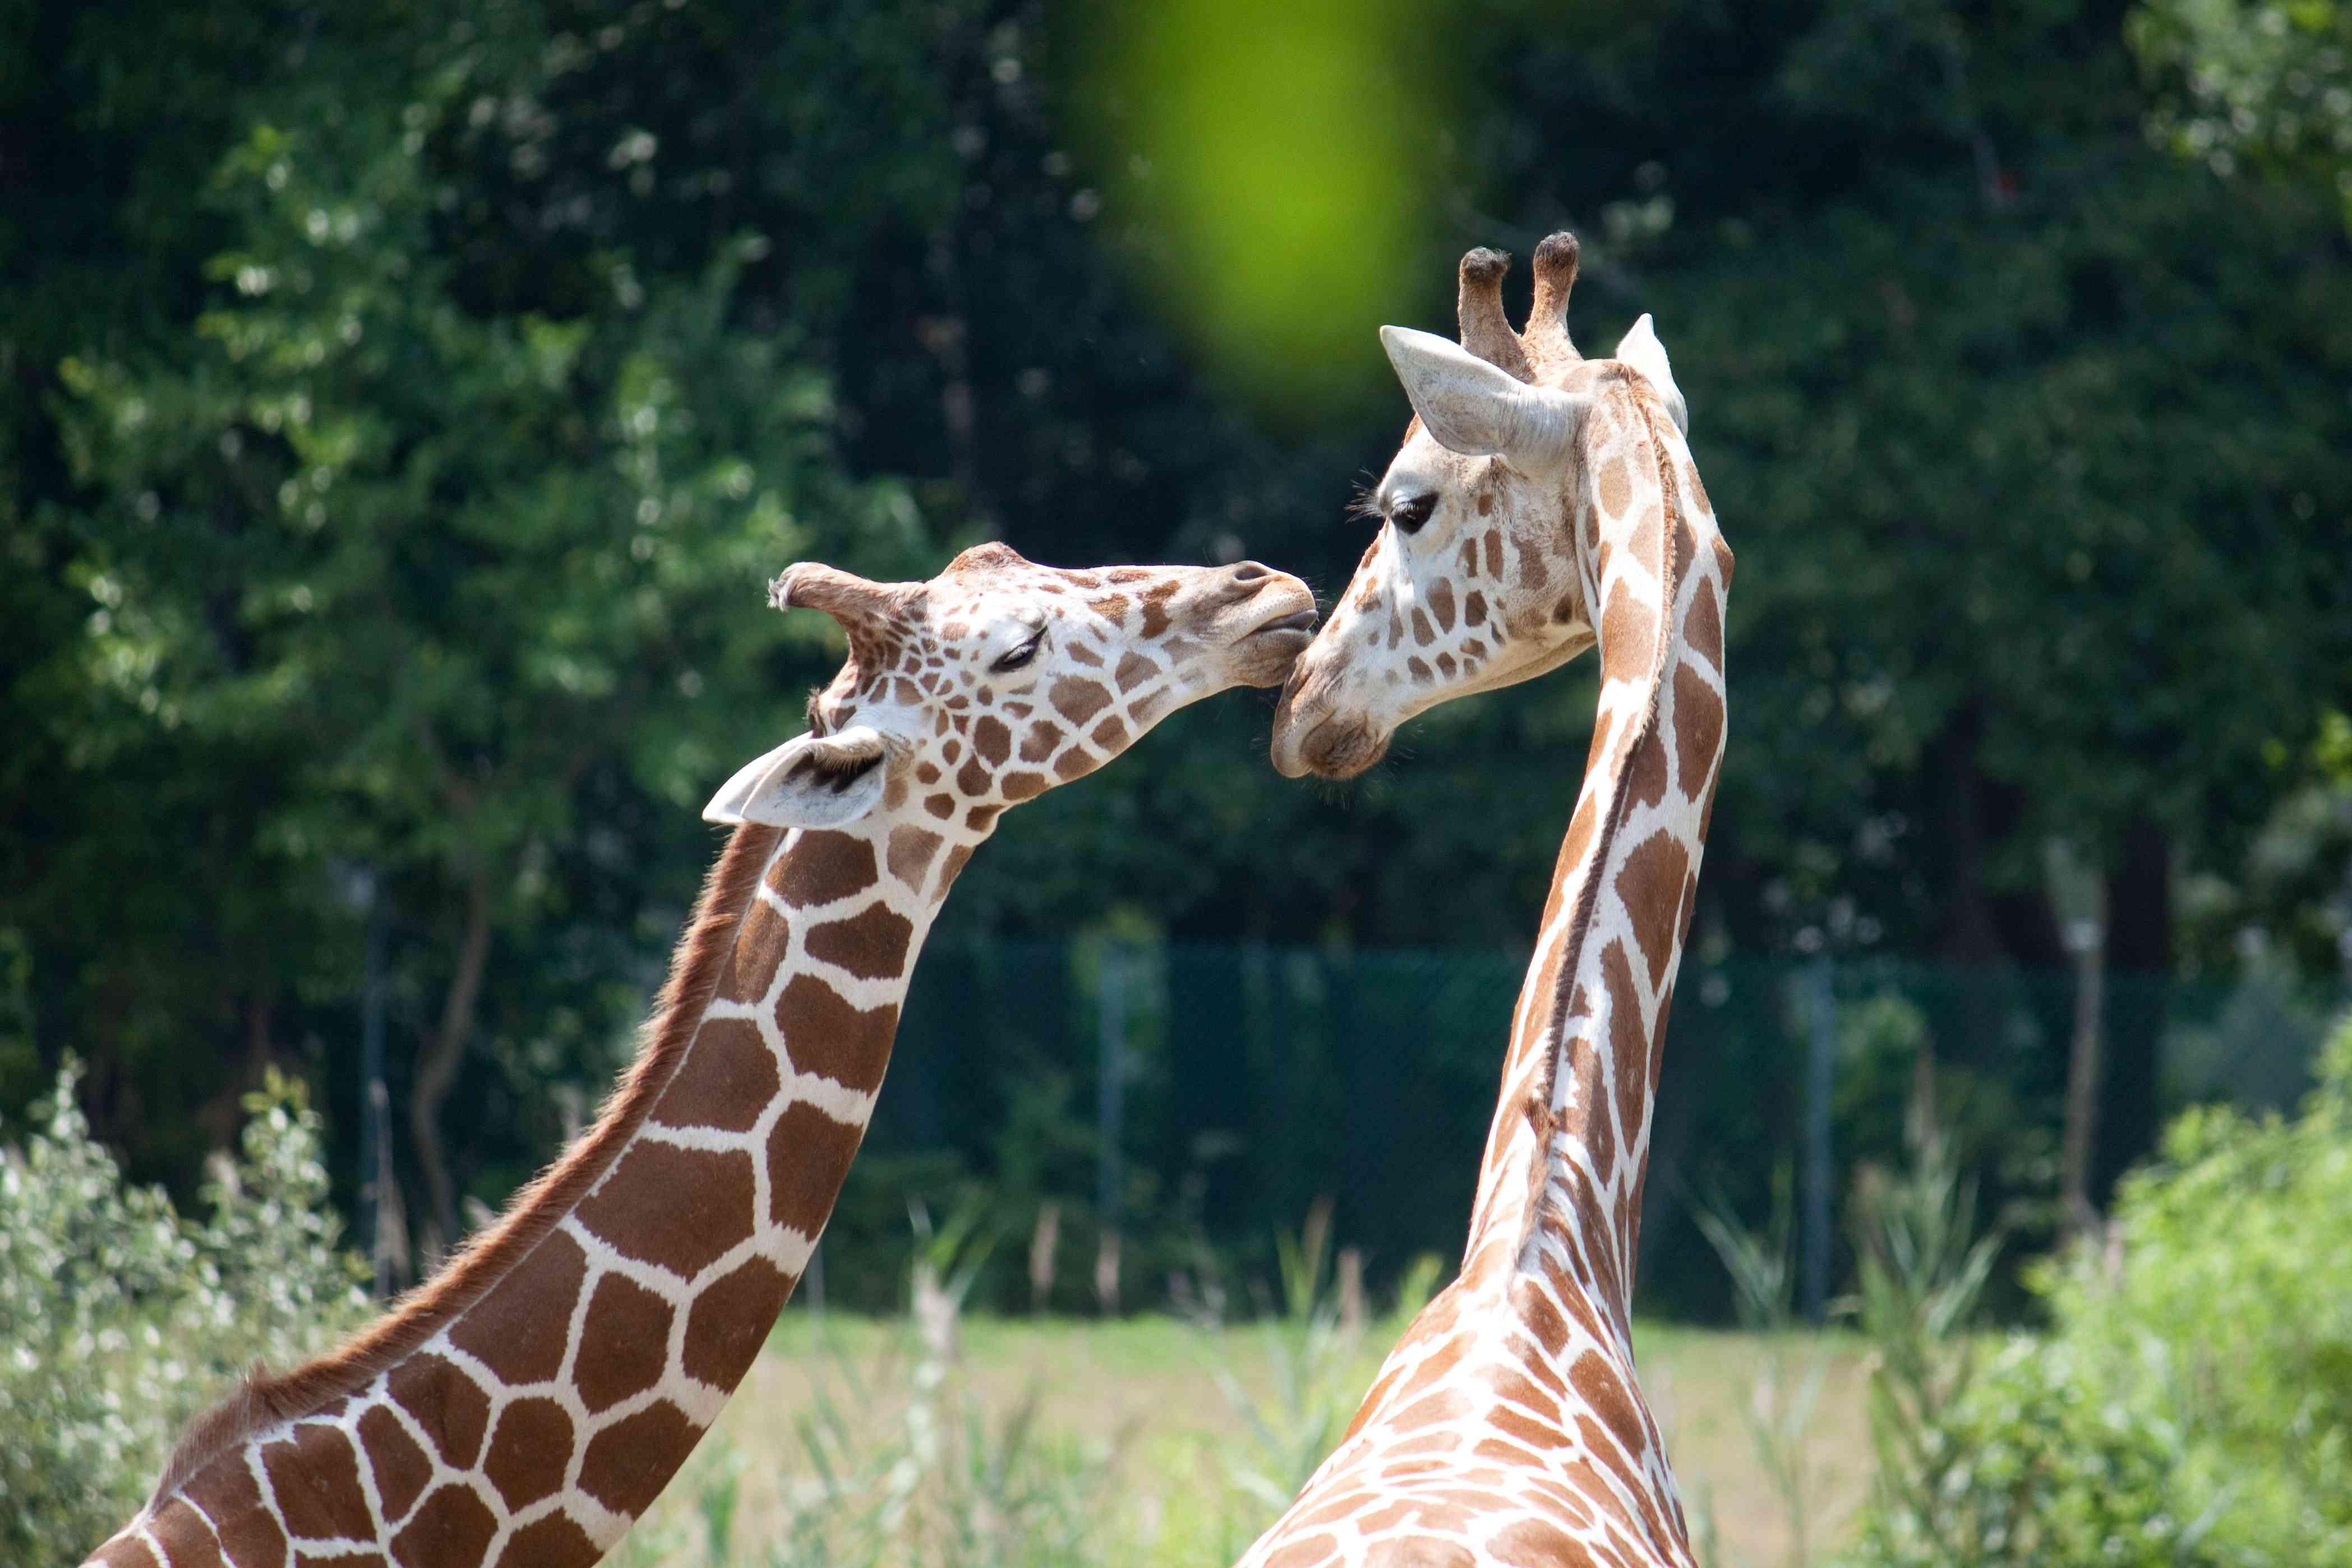 Giraffes showing affection